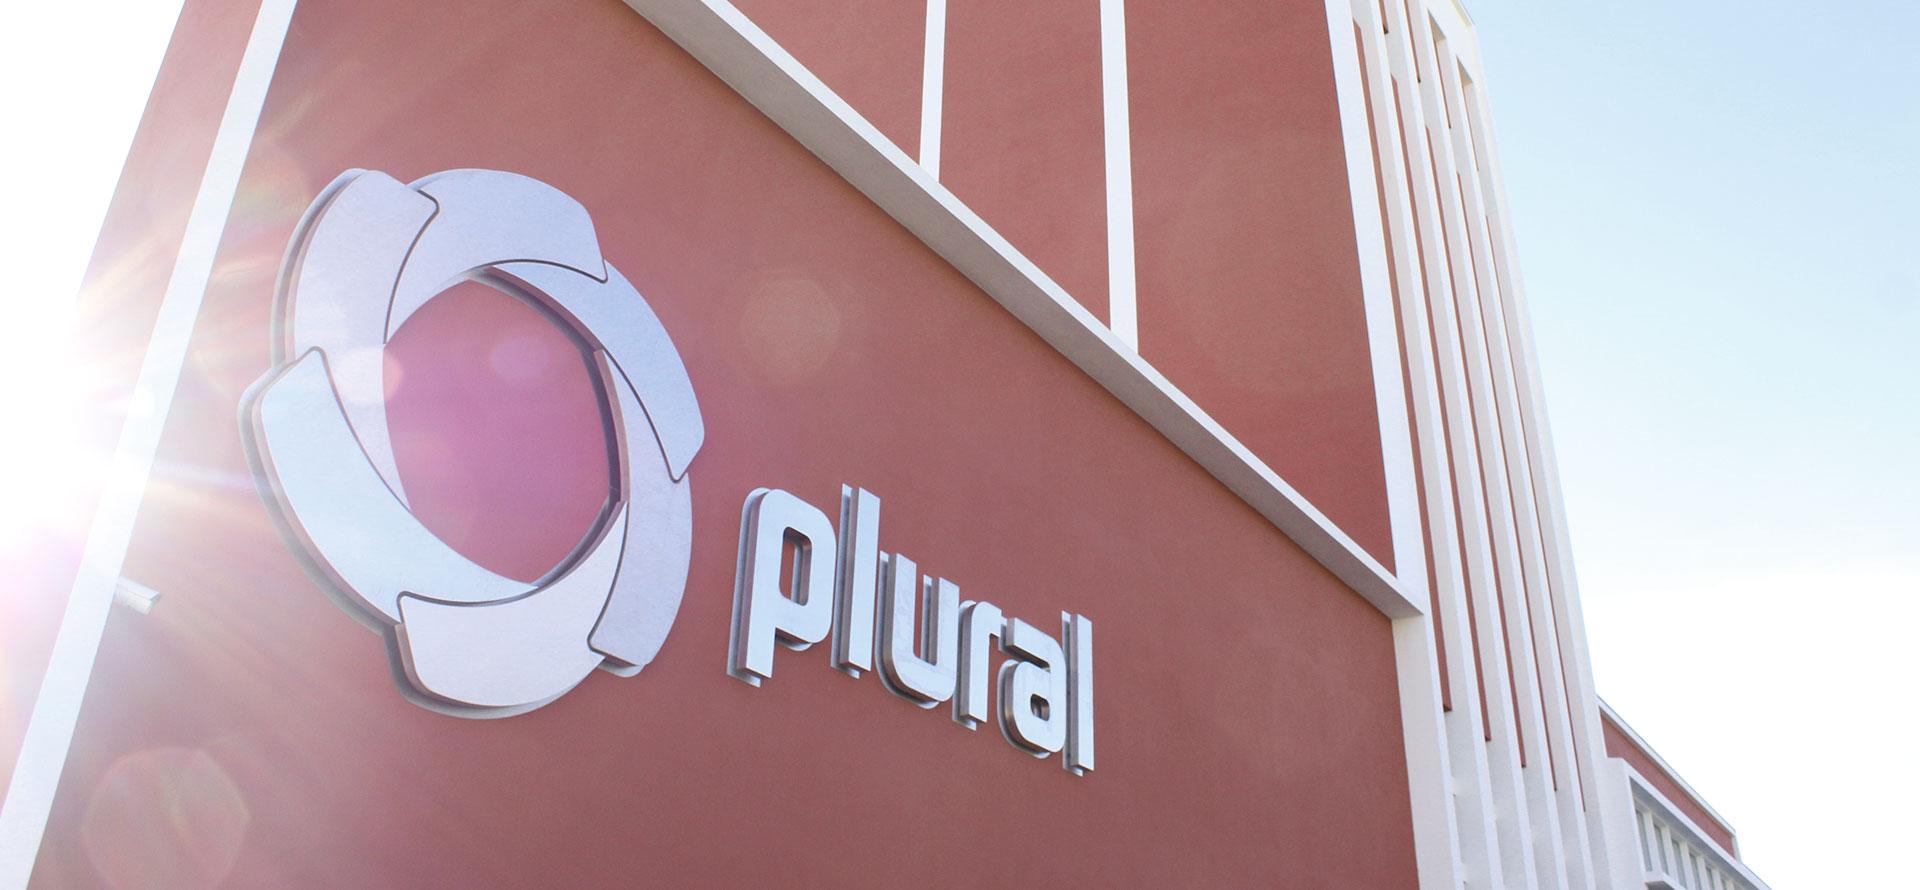 plural-contactos.jpg